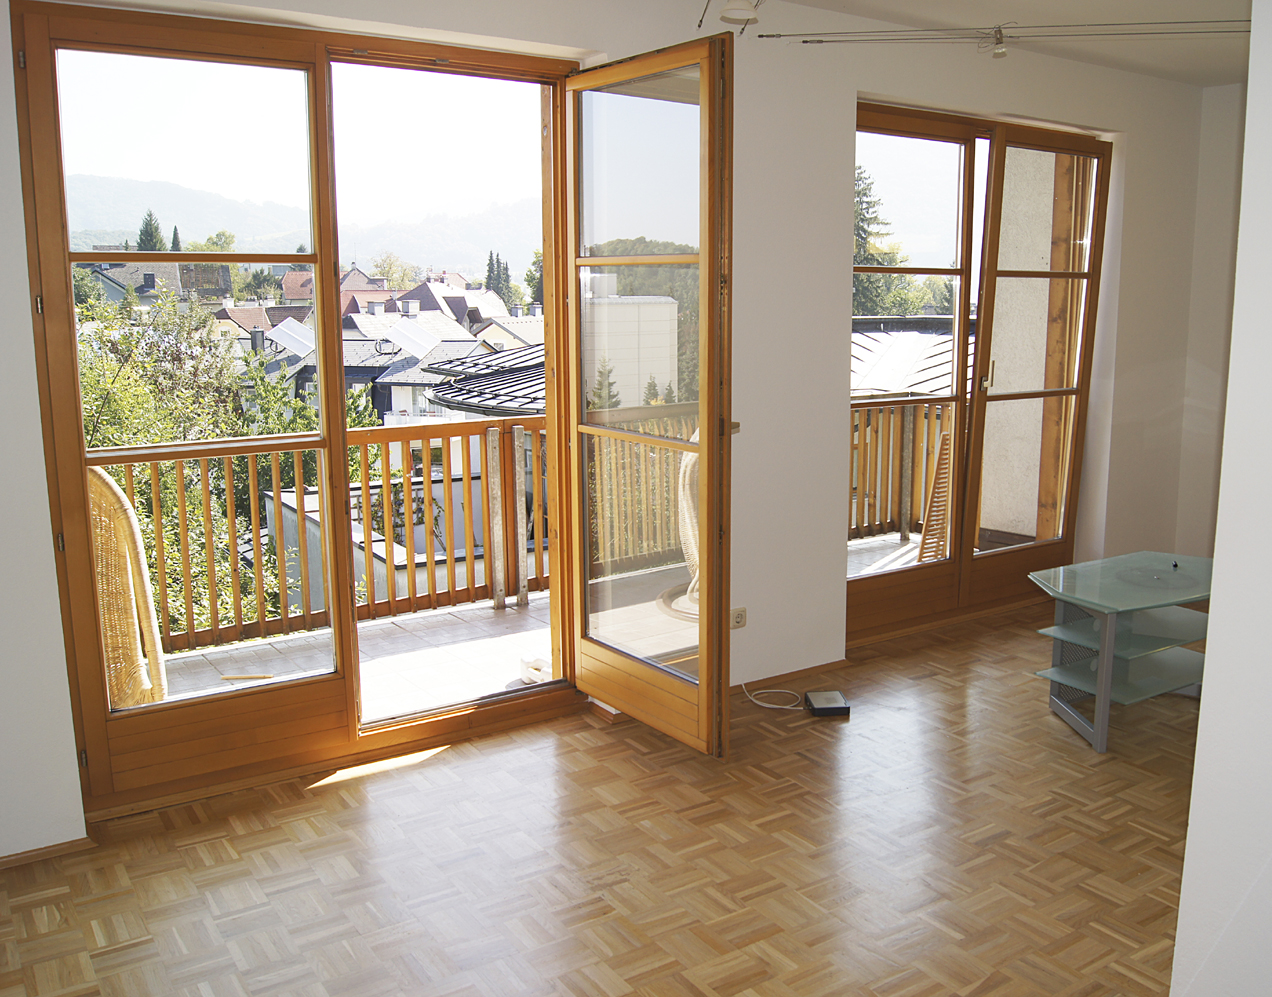 Mietwohnung in gmunden immobilien koroschetz for Immobilien mietwohnung